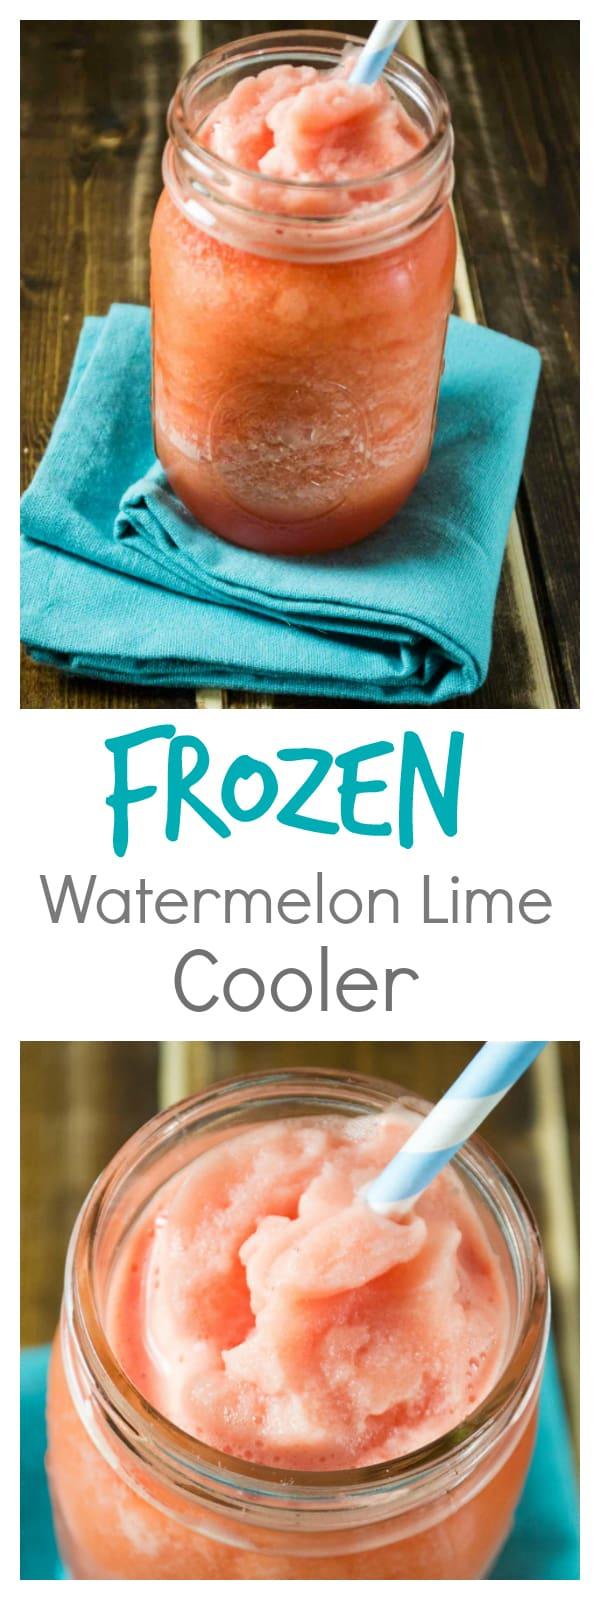 frozen watermelon lime cooler